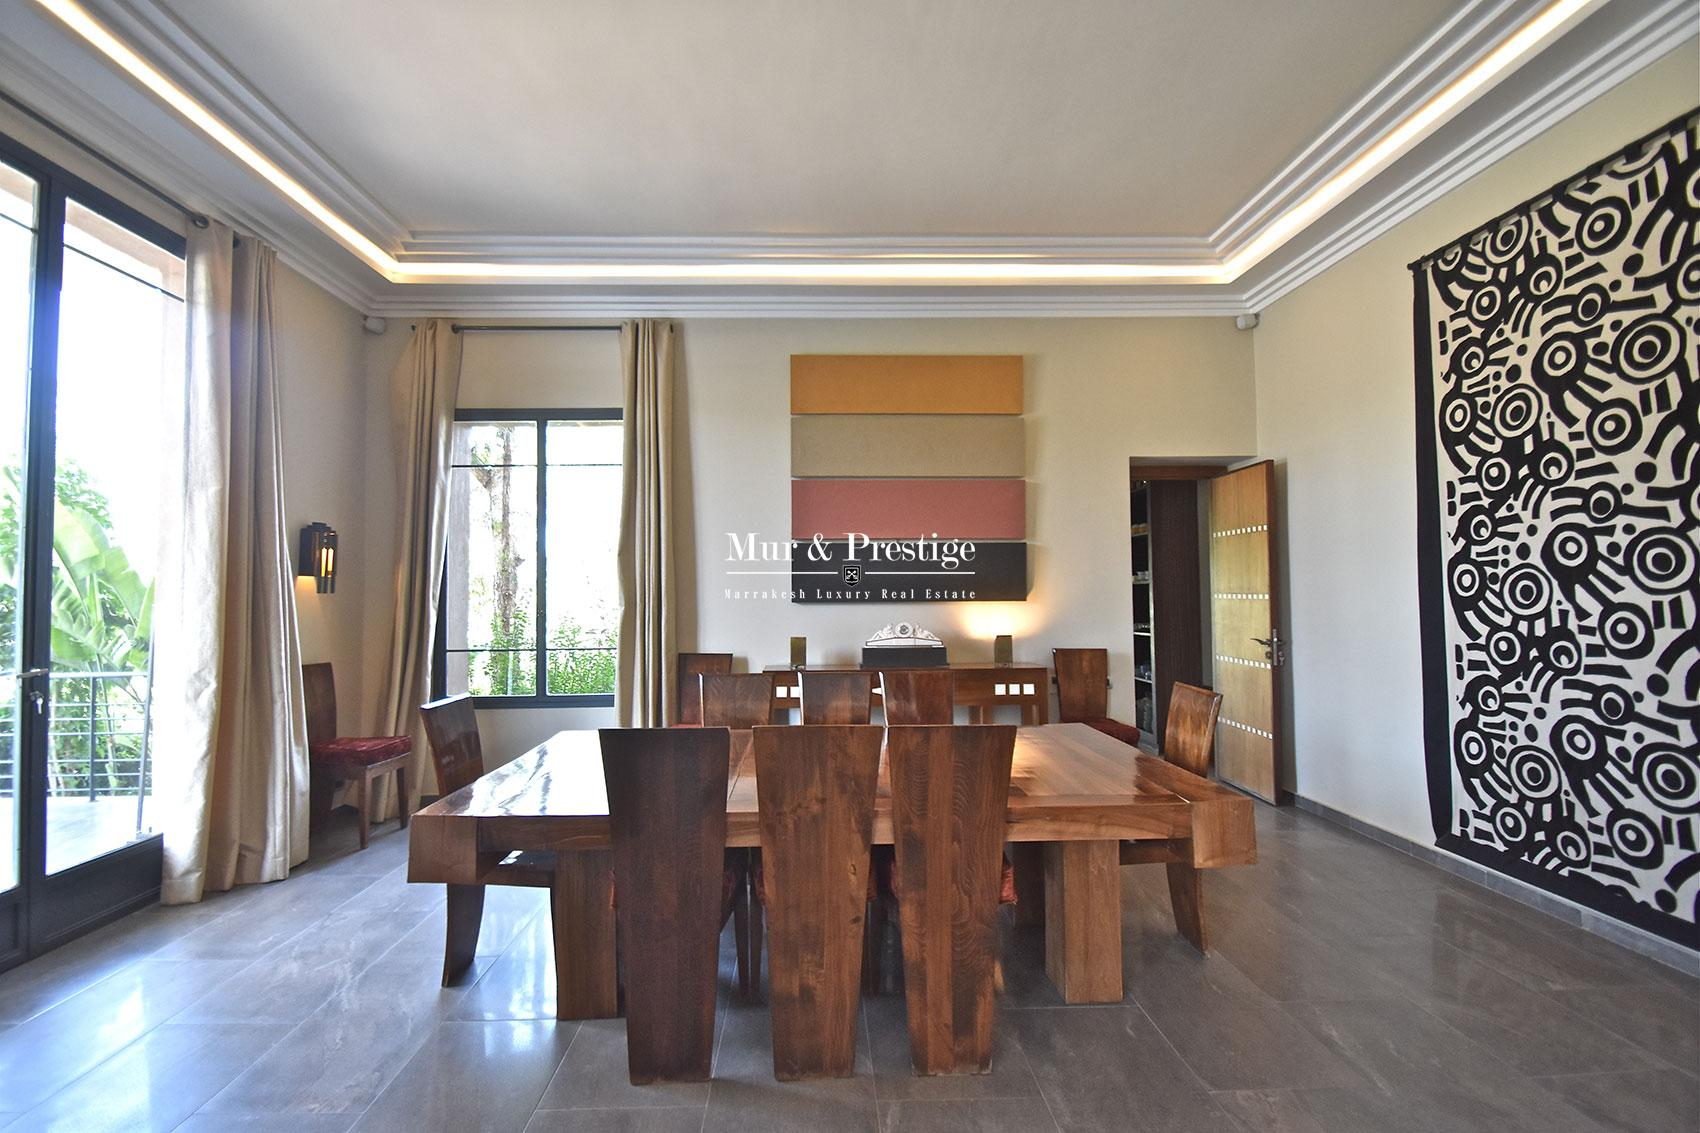 Vente d'une villa contemporaine a Marrakech